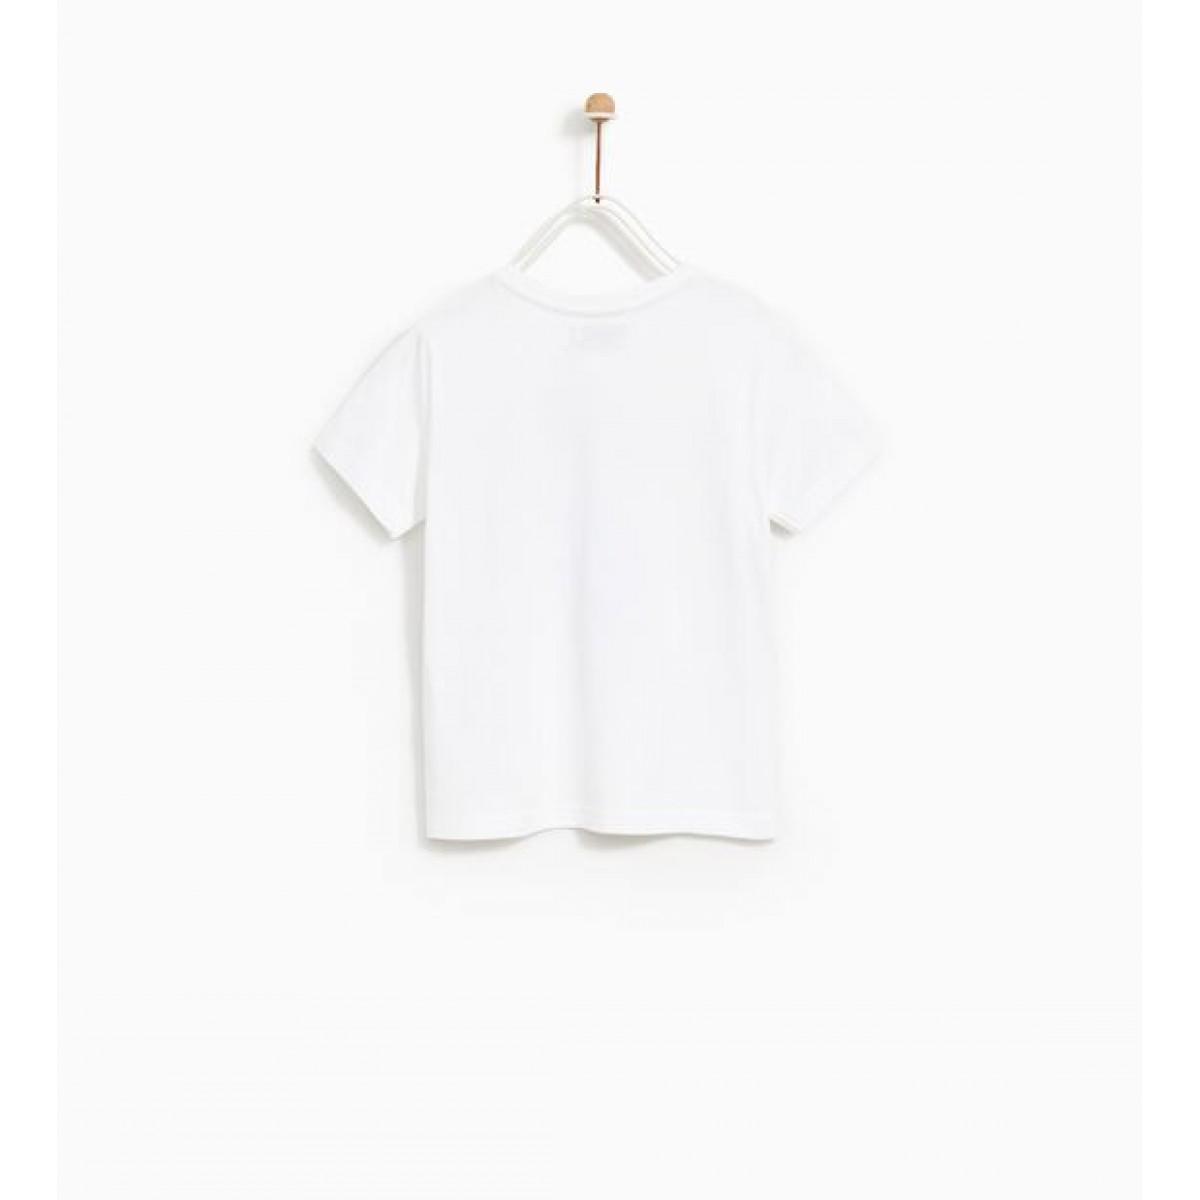 Zara Player 4 T-Shirt